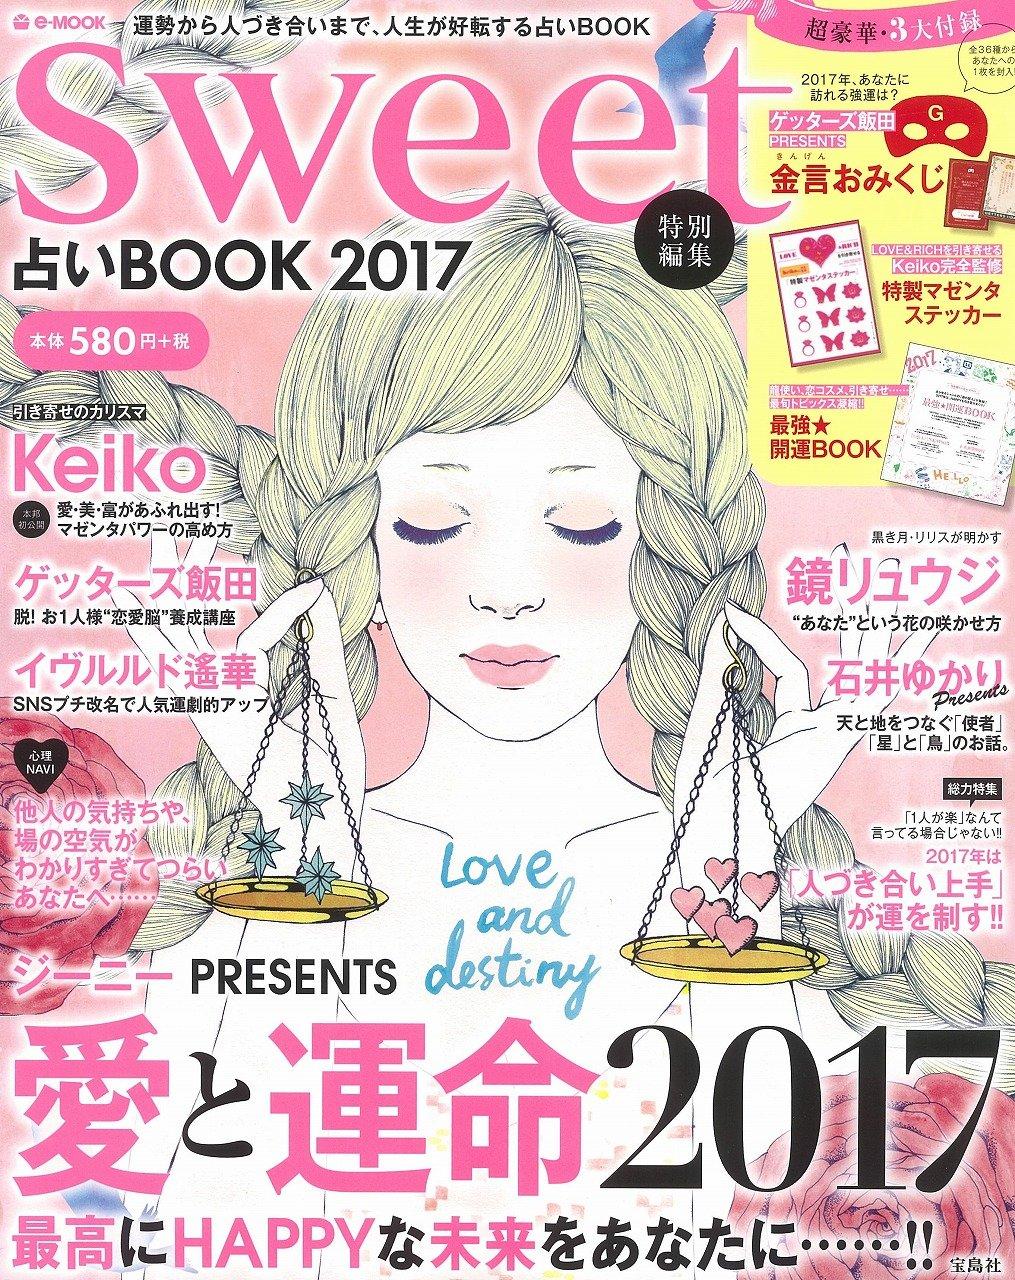 2016年11月25日「SWEET 占いBOOK 2017(宝島社刊)」に「九星別2017年金運アップの鉄則」を掲載頂きました。